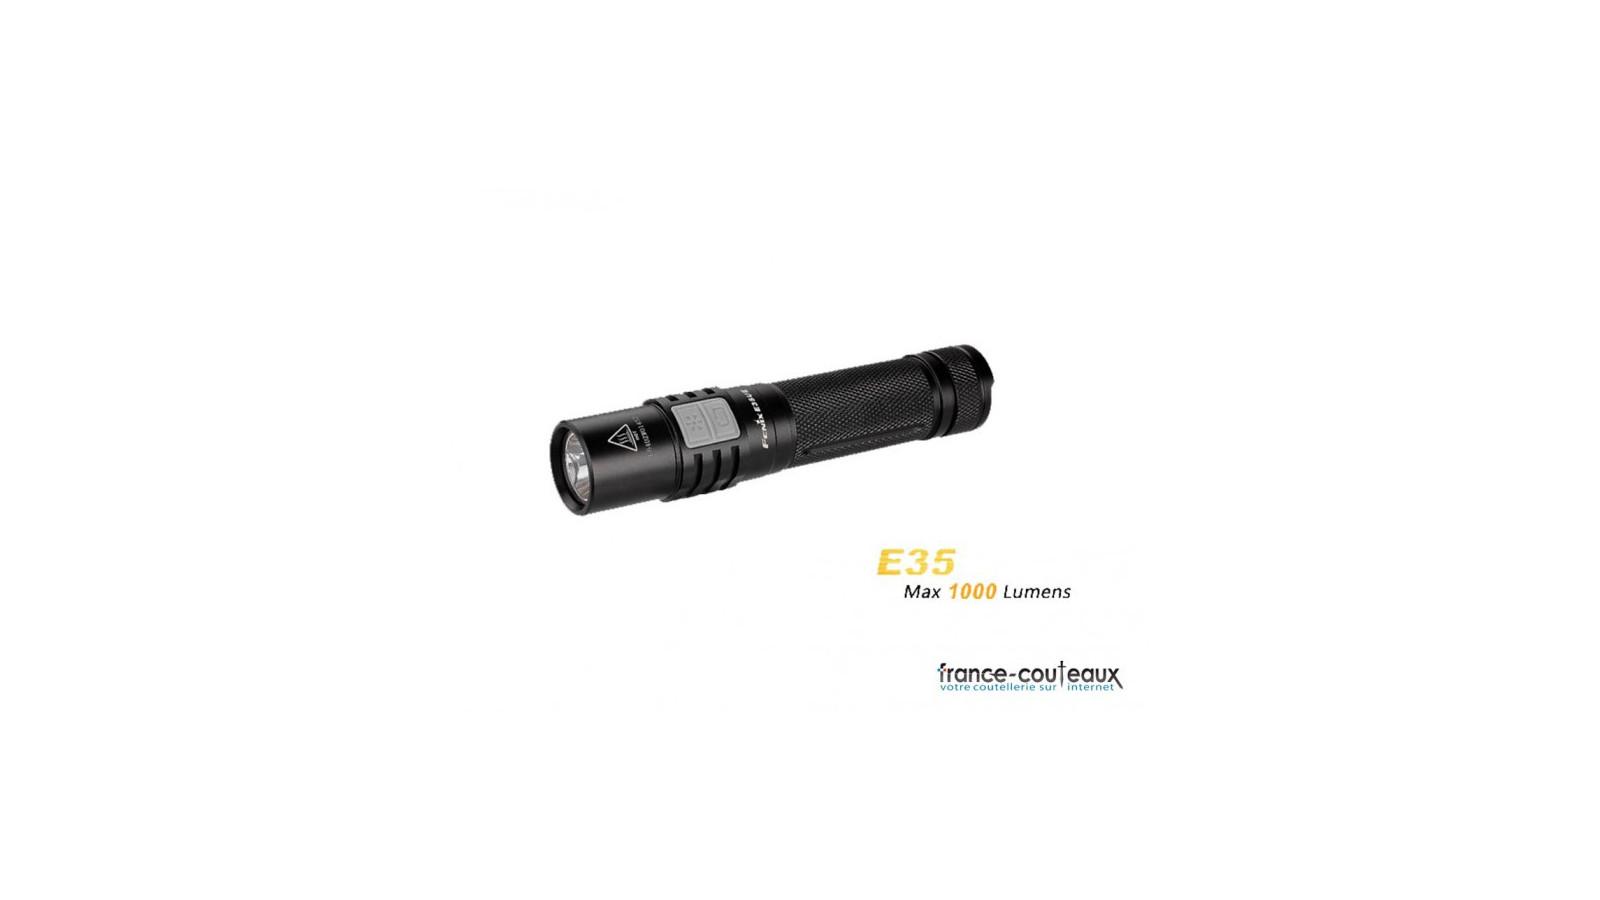 Couteau de poche en bois de Pakka